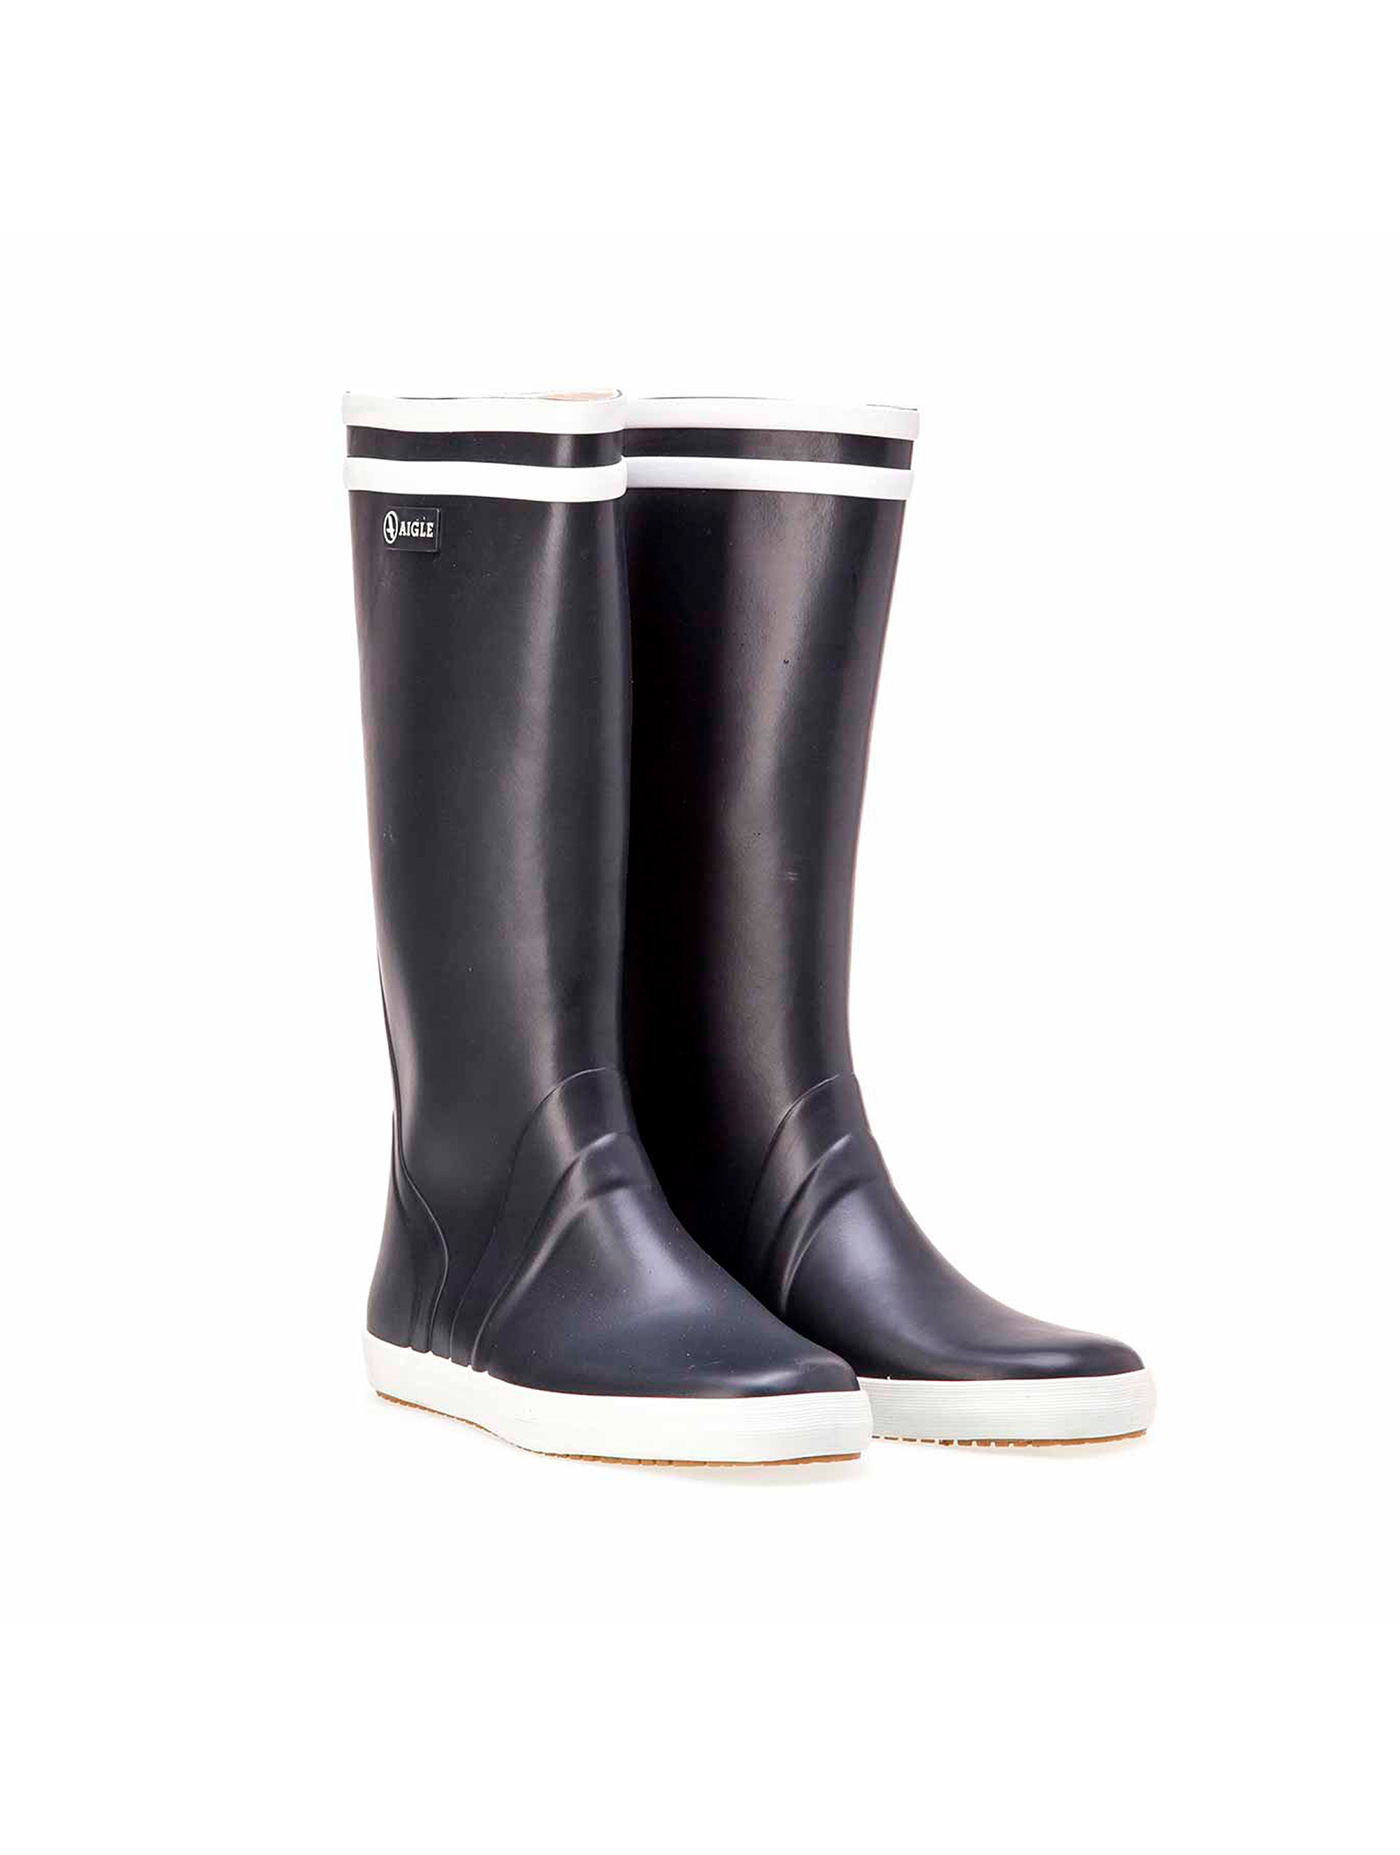 GOELAND  Men's rubber boots Jauneblanc   Aiglemen   AIGLE